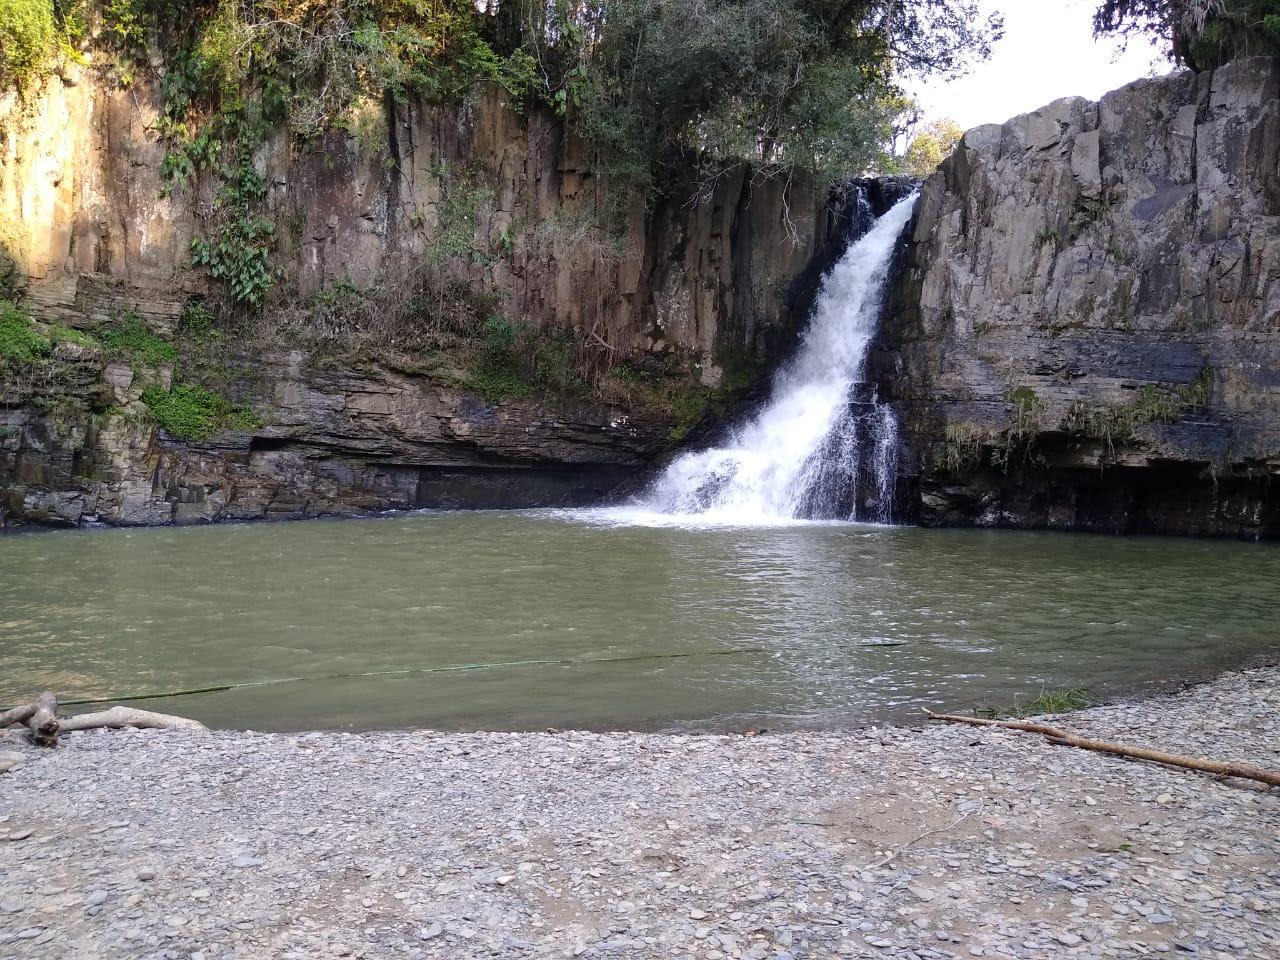 Jovem de 22 anos morre afogado em cachoeira em Vidal Ramos